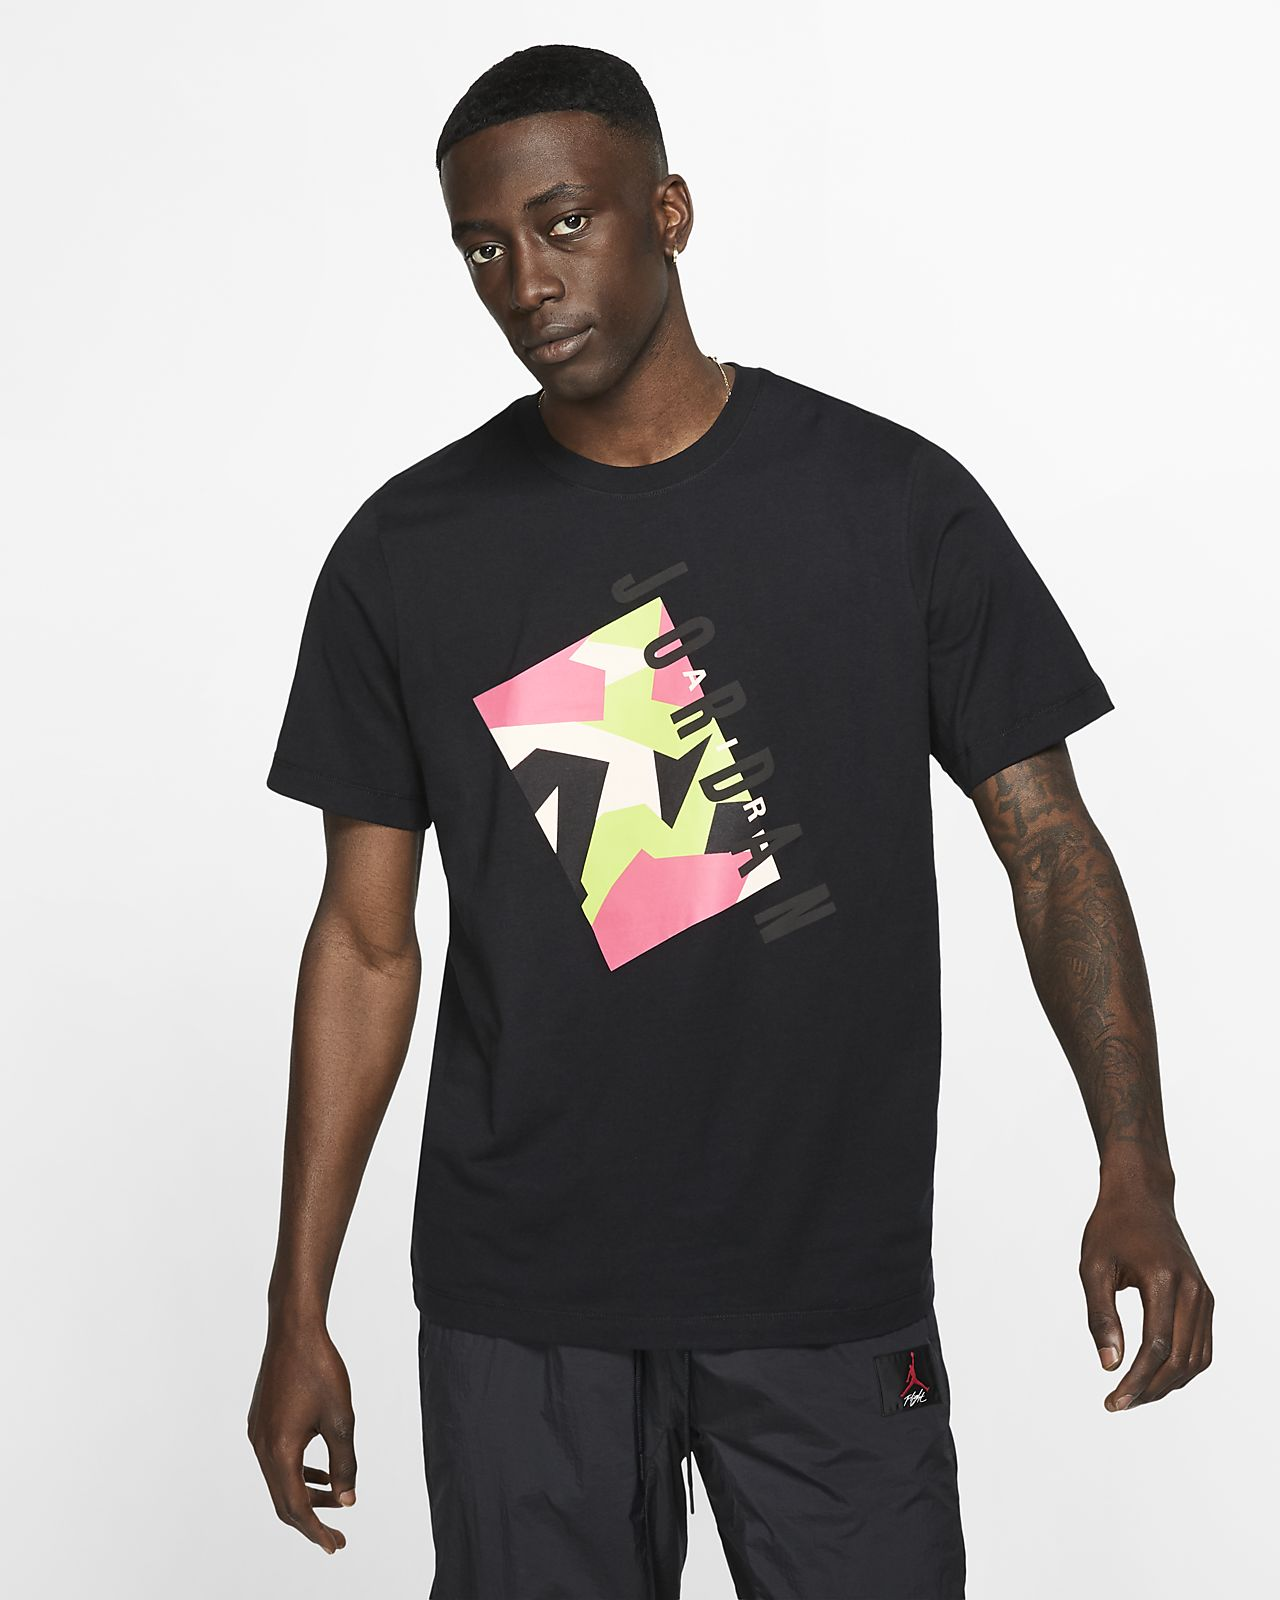 เสื้อยืดผู้ชาย Jordan Pattern